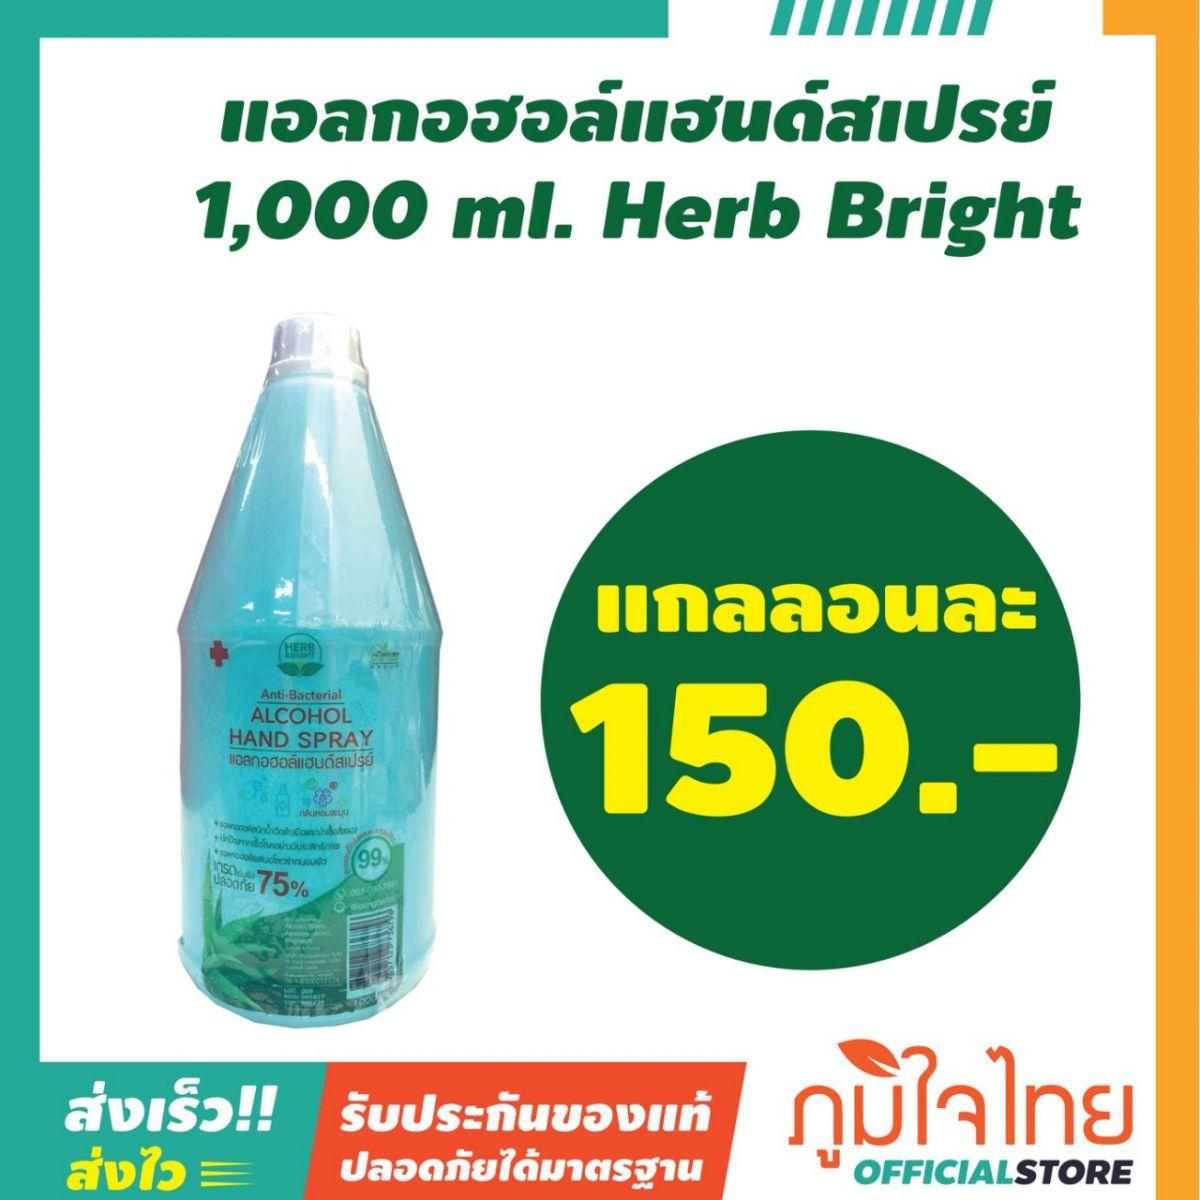 แอลกอฮอล์แฮนด์สเปรย์ 1,000 ml. Herb Bright